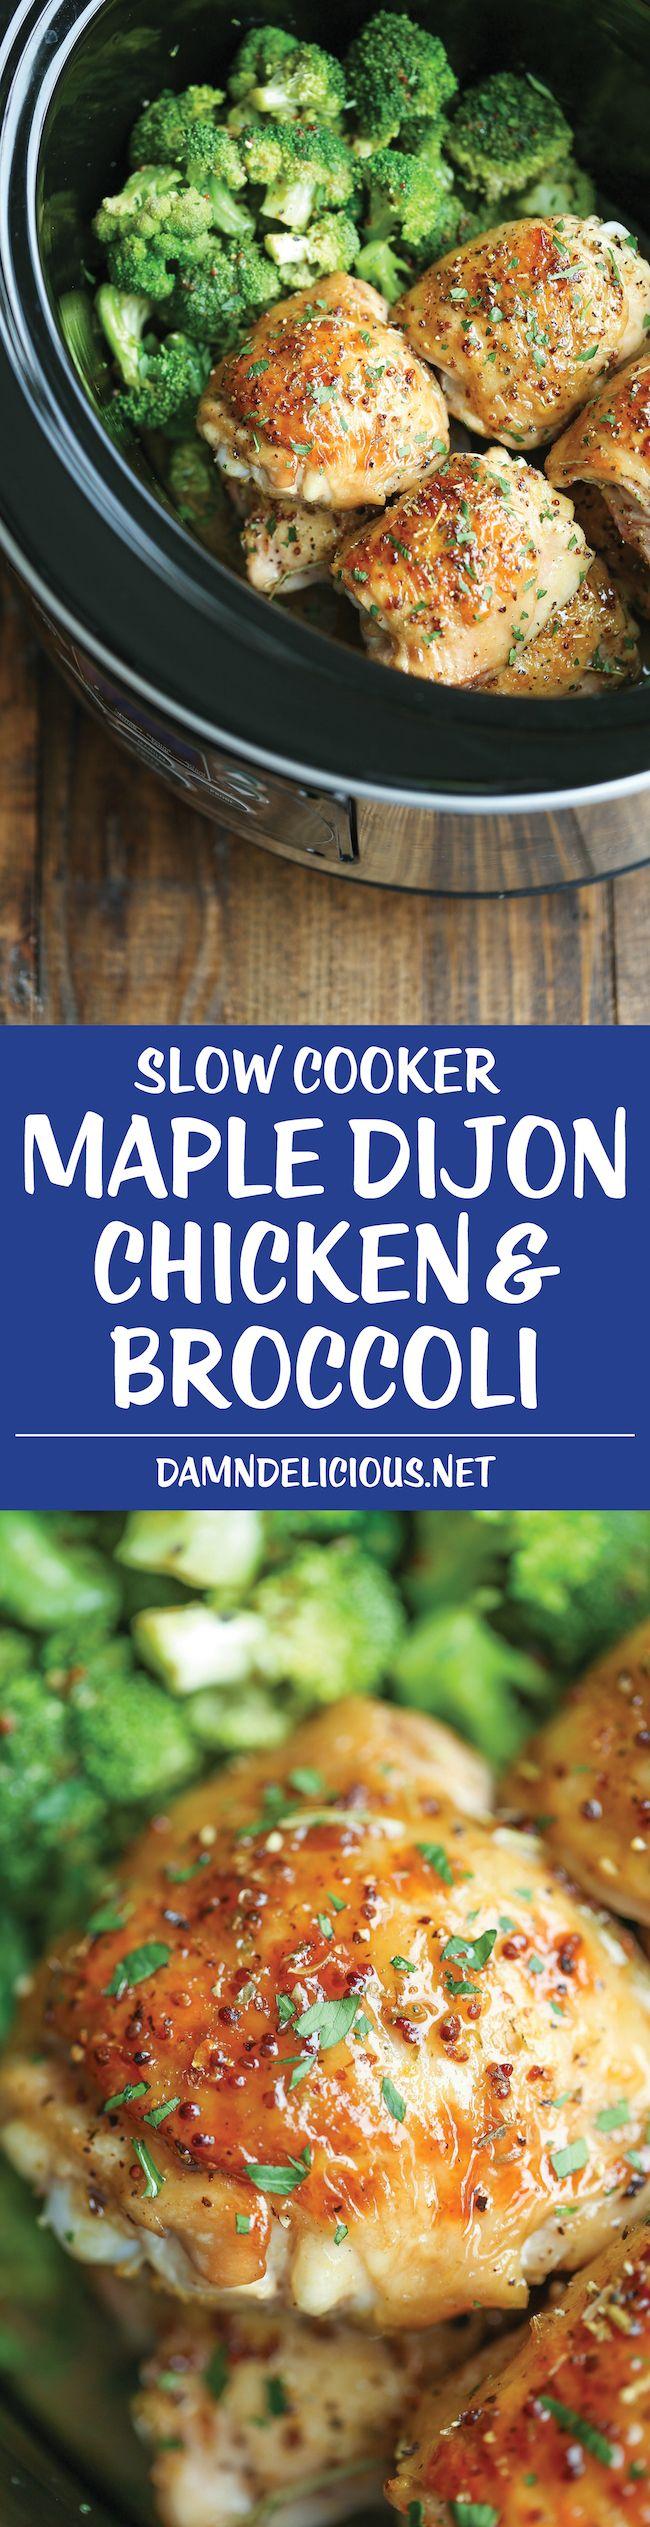 and lemon pepper chicken 19 1 six chicken freezer crockpot meals ...